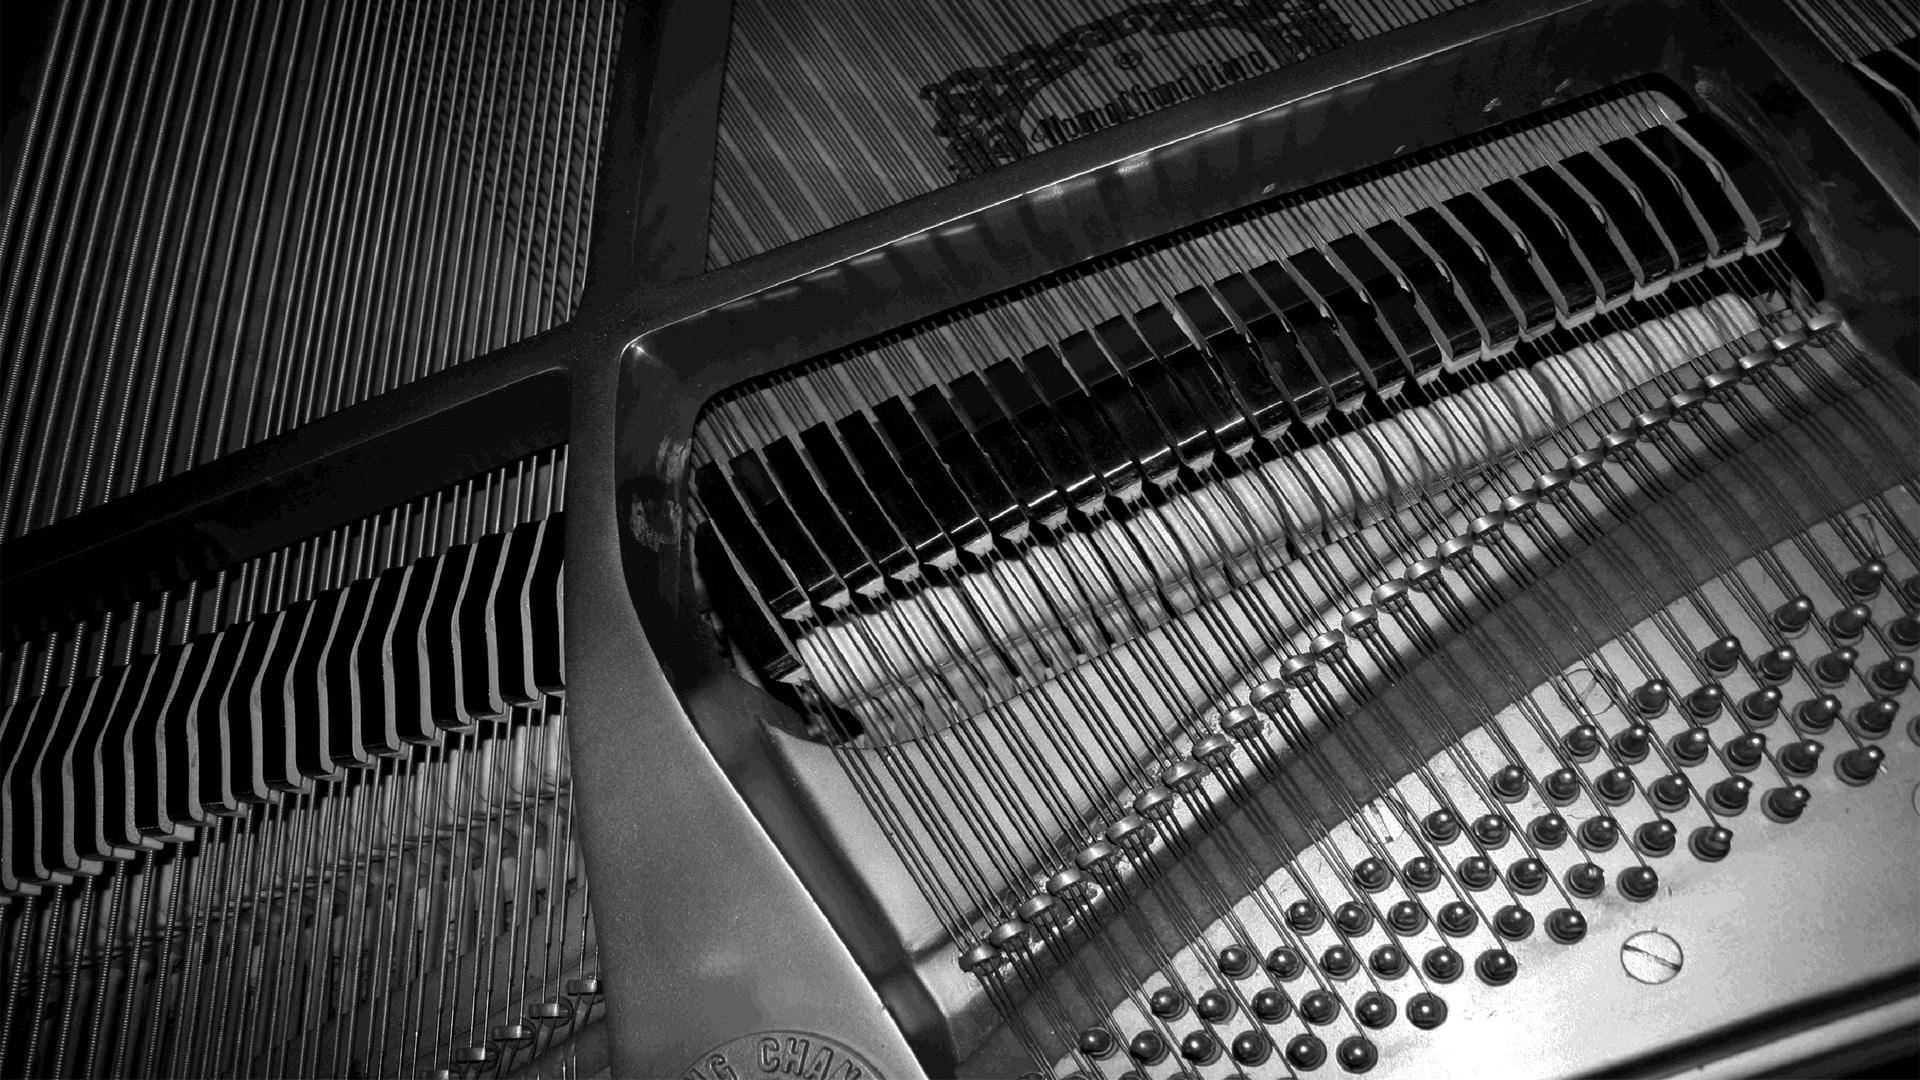 PRO PIANO TRACKS